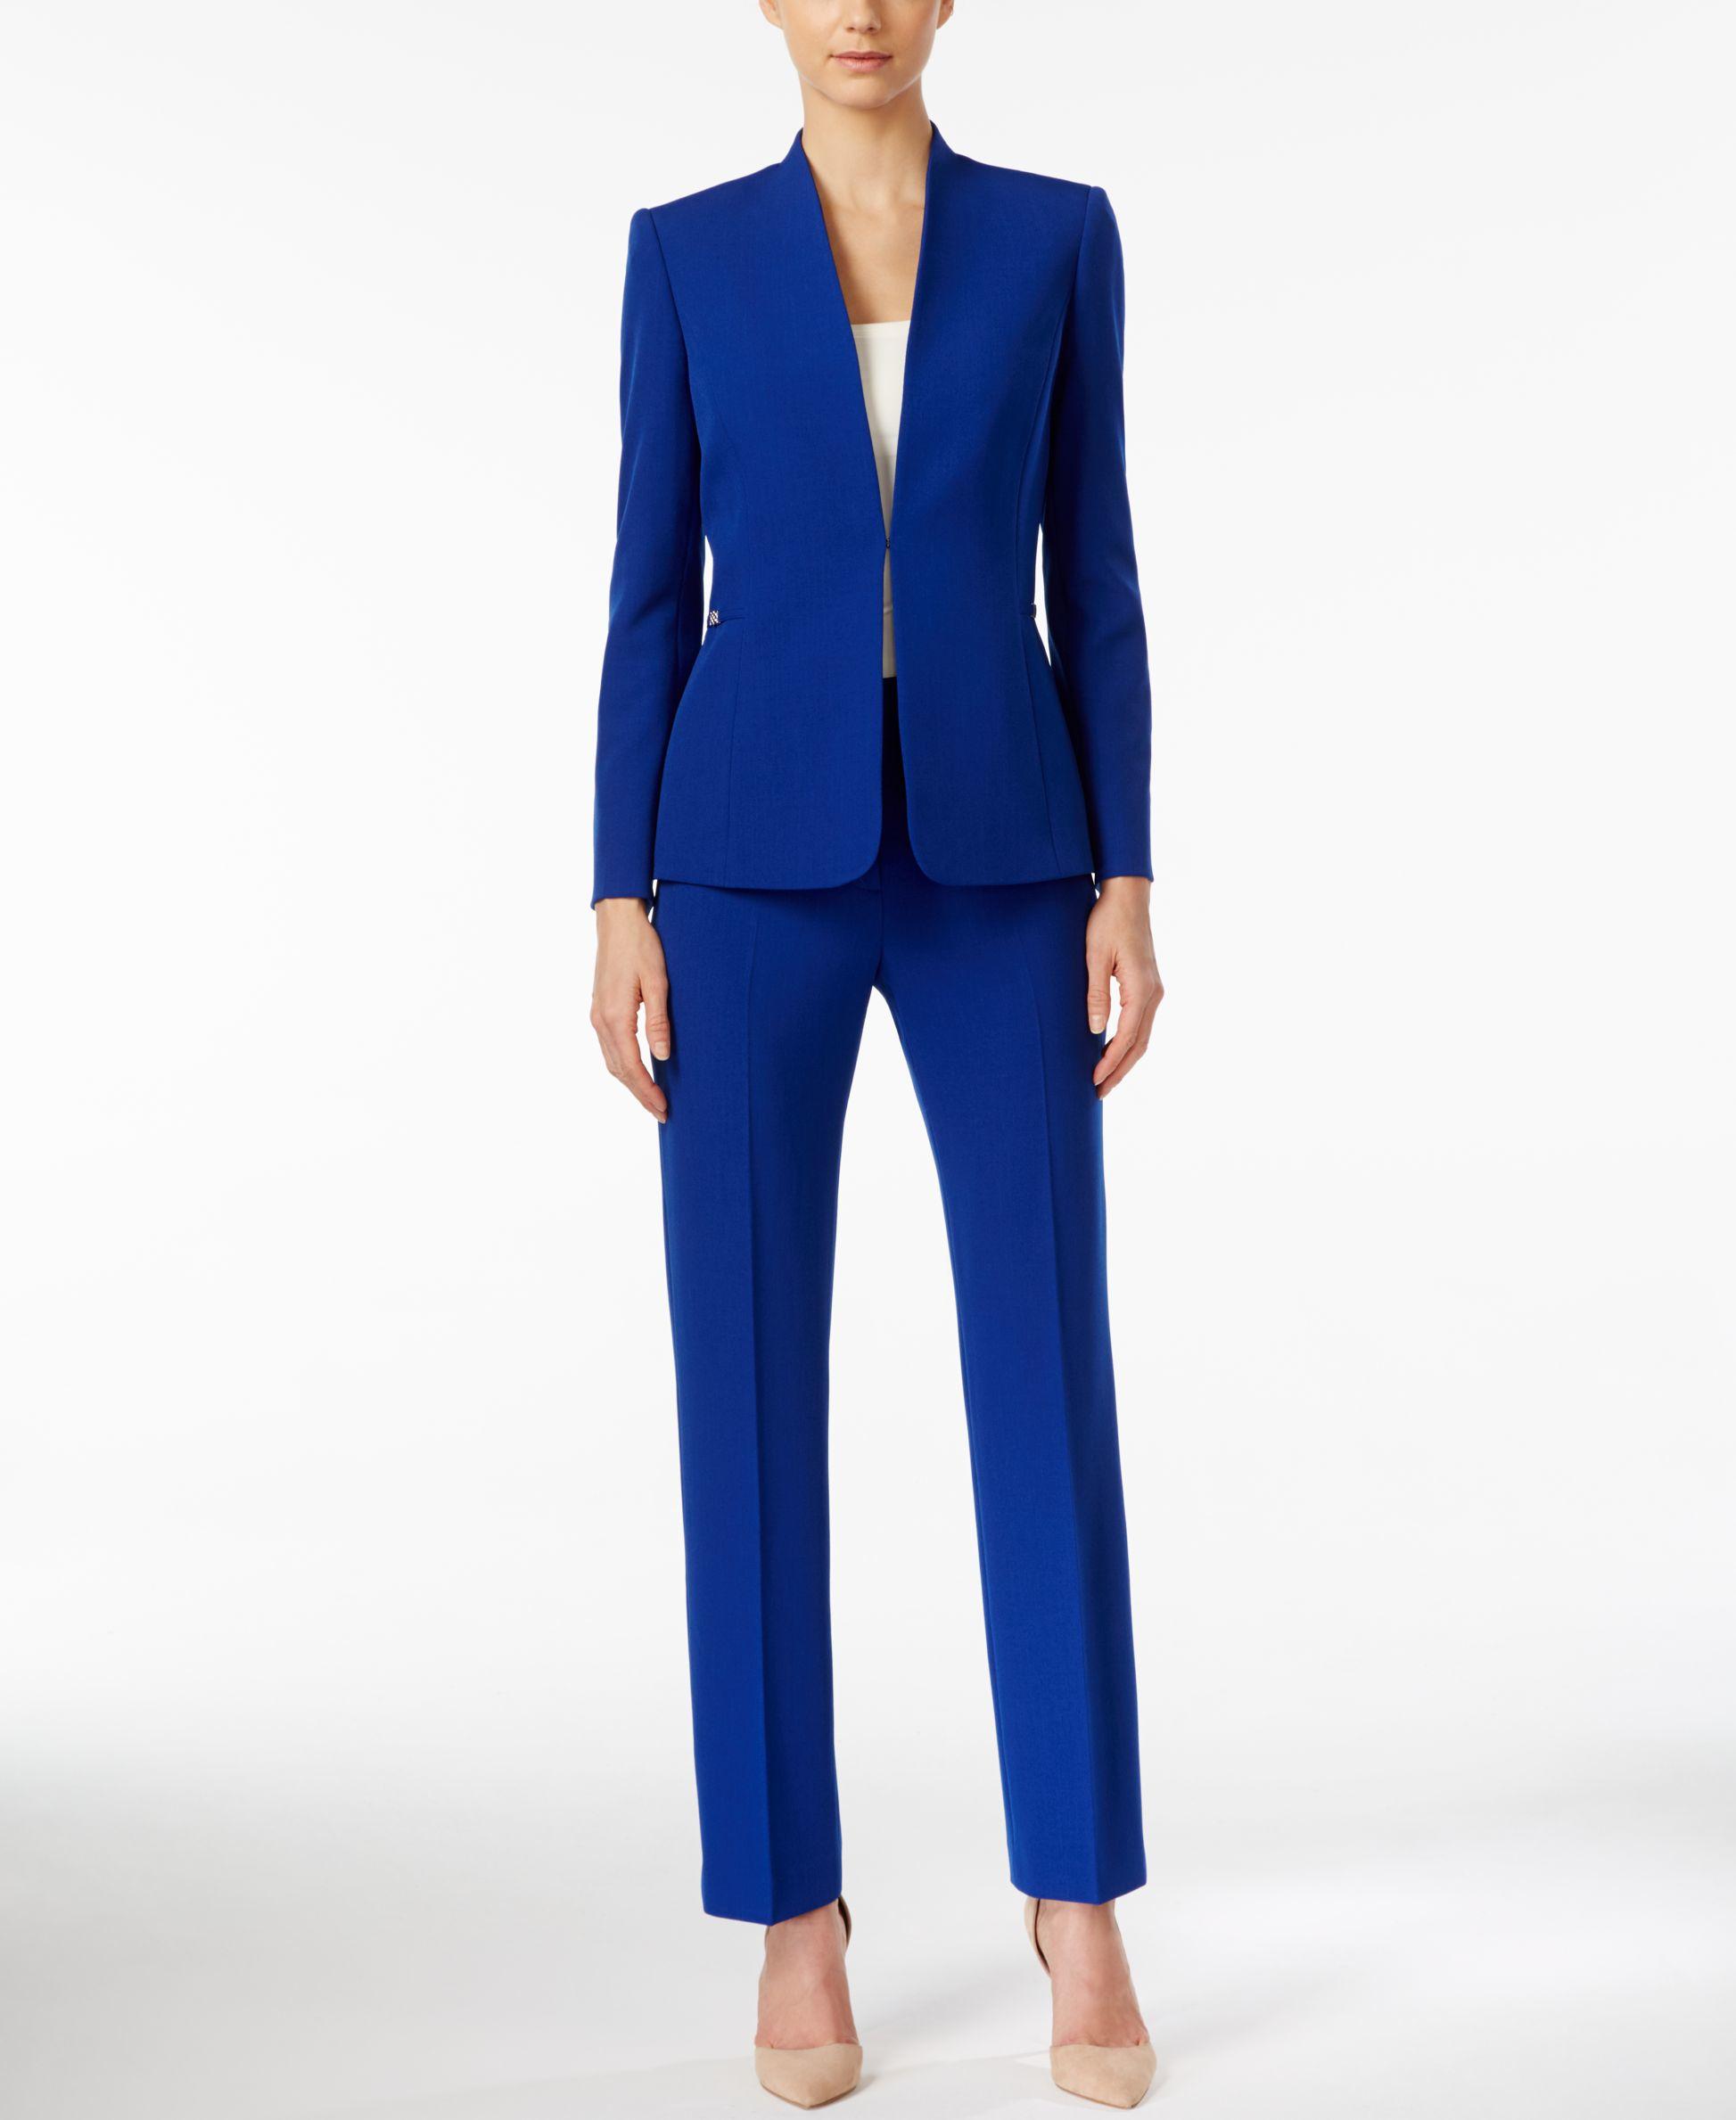 Tahari Crepe Collarless Pantsuit In Blue Lyst